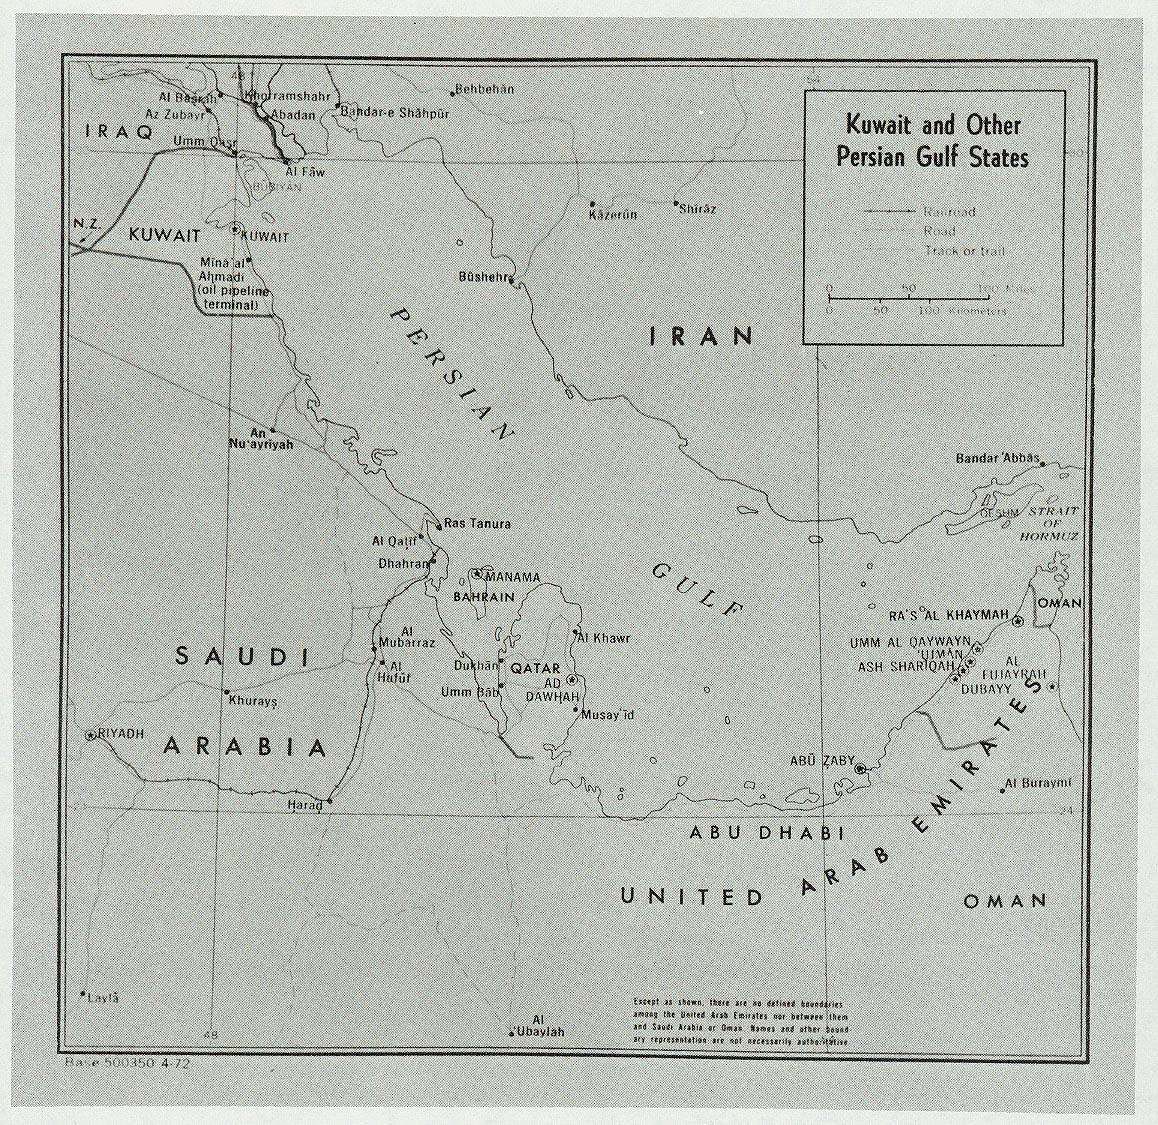 Mapa Politico de Kuwait y Otros Estados del Golfo Pérsico